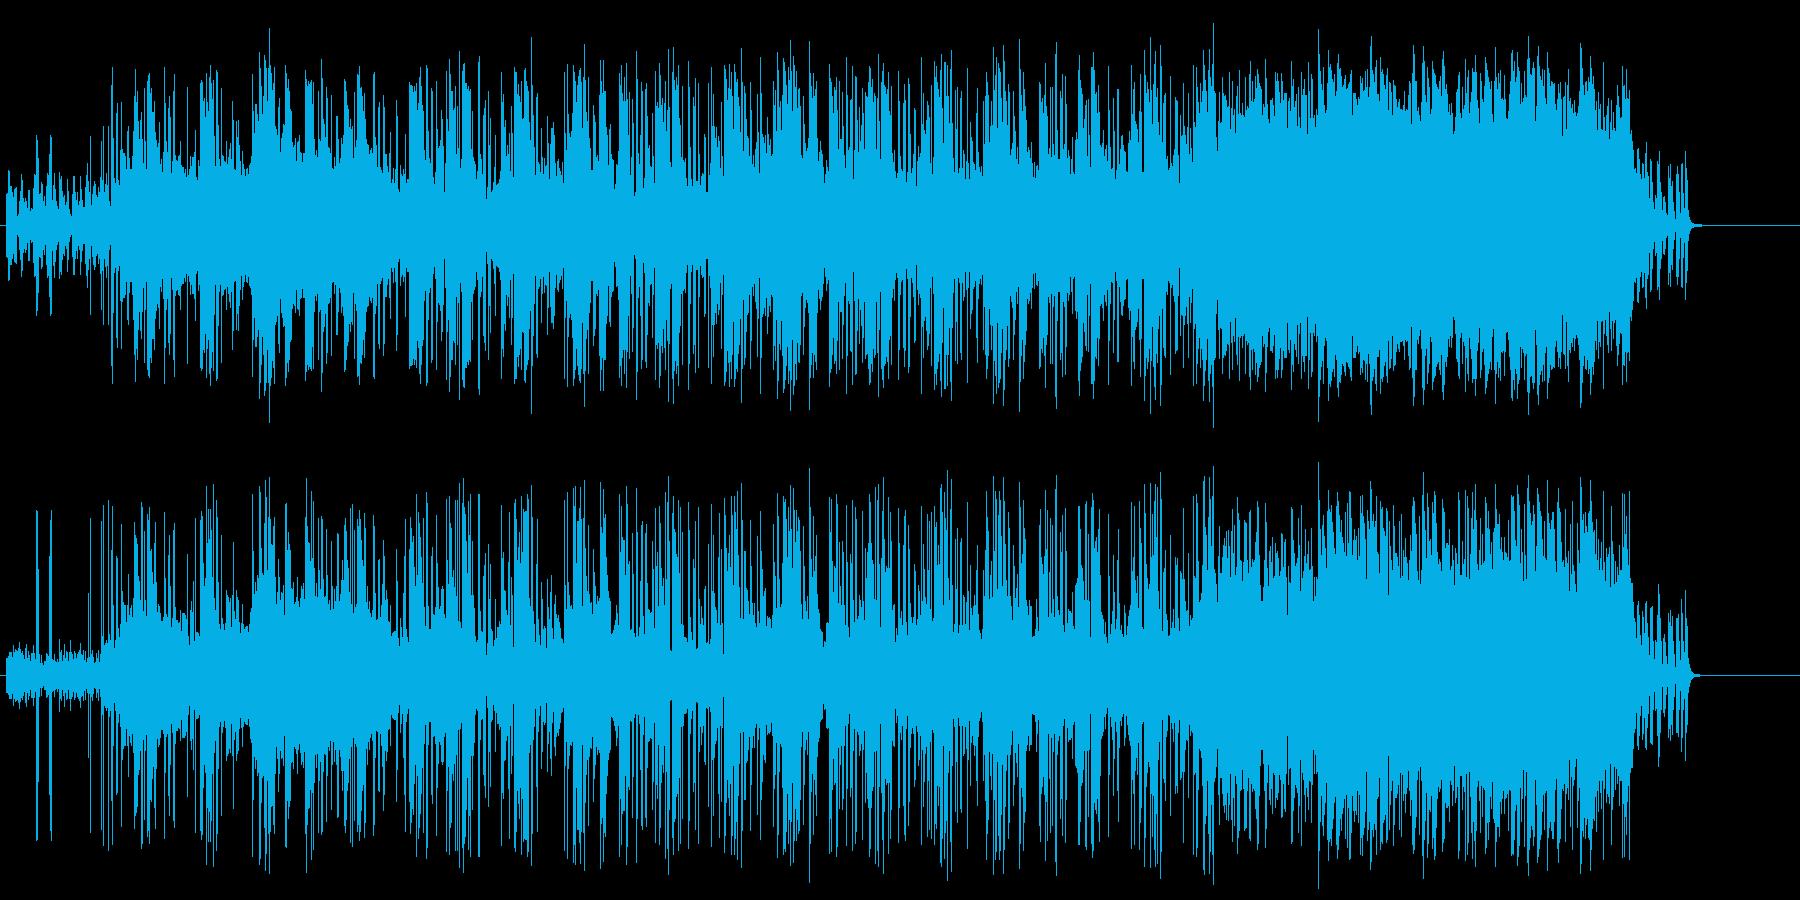 不思議な気分に陥るテクノ/ドキュメントの再生済みの波形